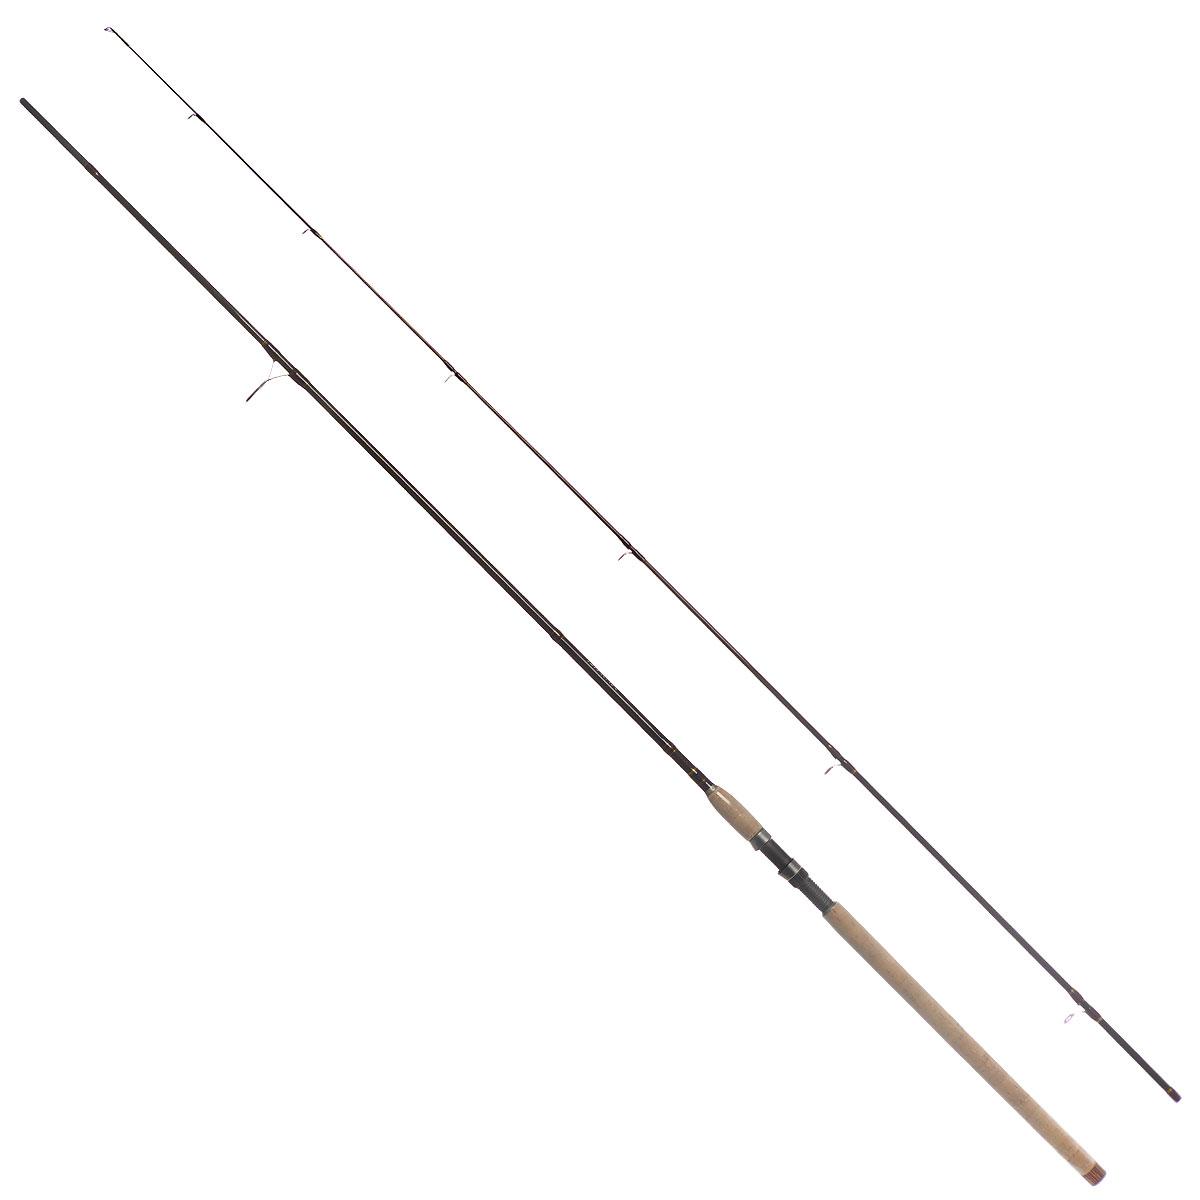 Удилище спиннинговое Daiwa New Exceler, штекерное, цвет: темно-коричневый, 2,7 м, 40-80 г